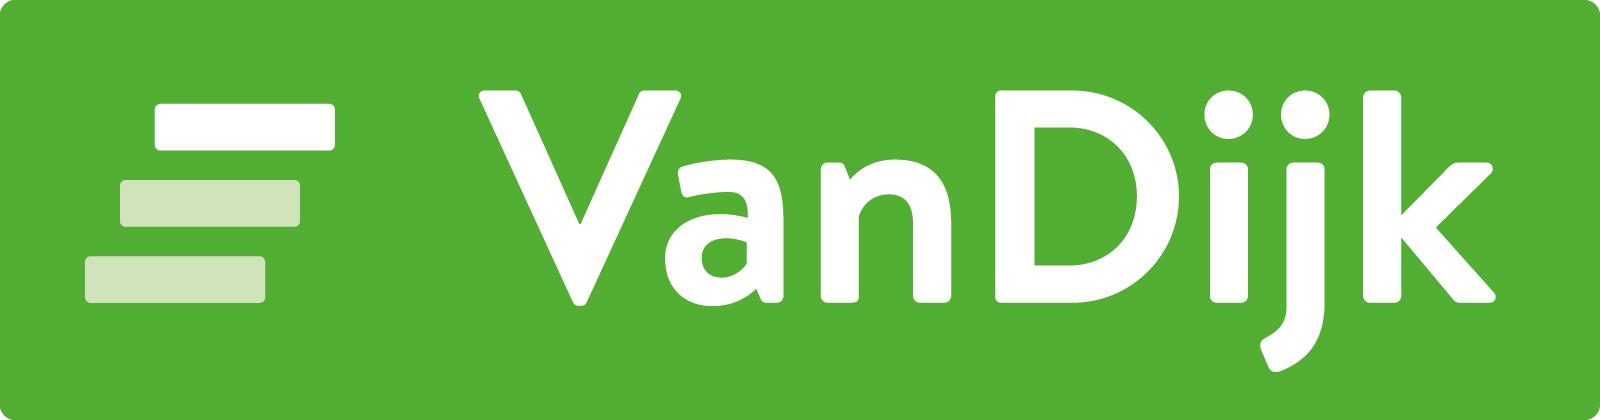 VANDIJK_LOGO_RGB-01.jpg